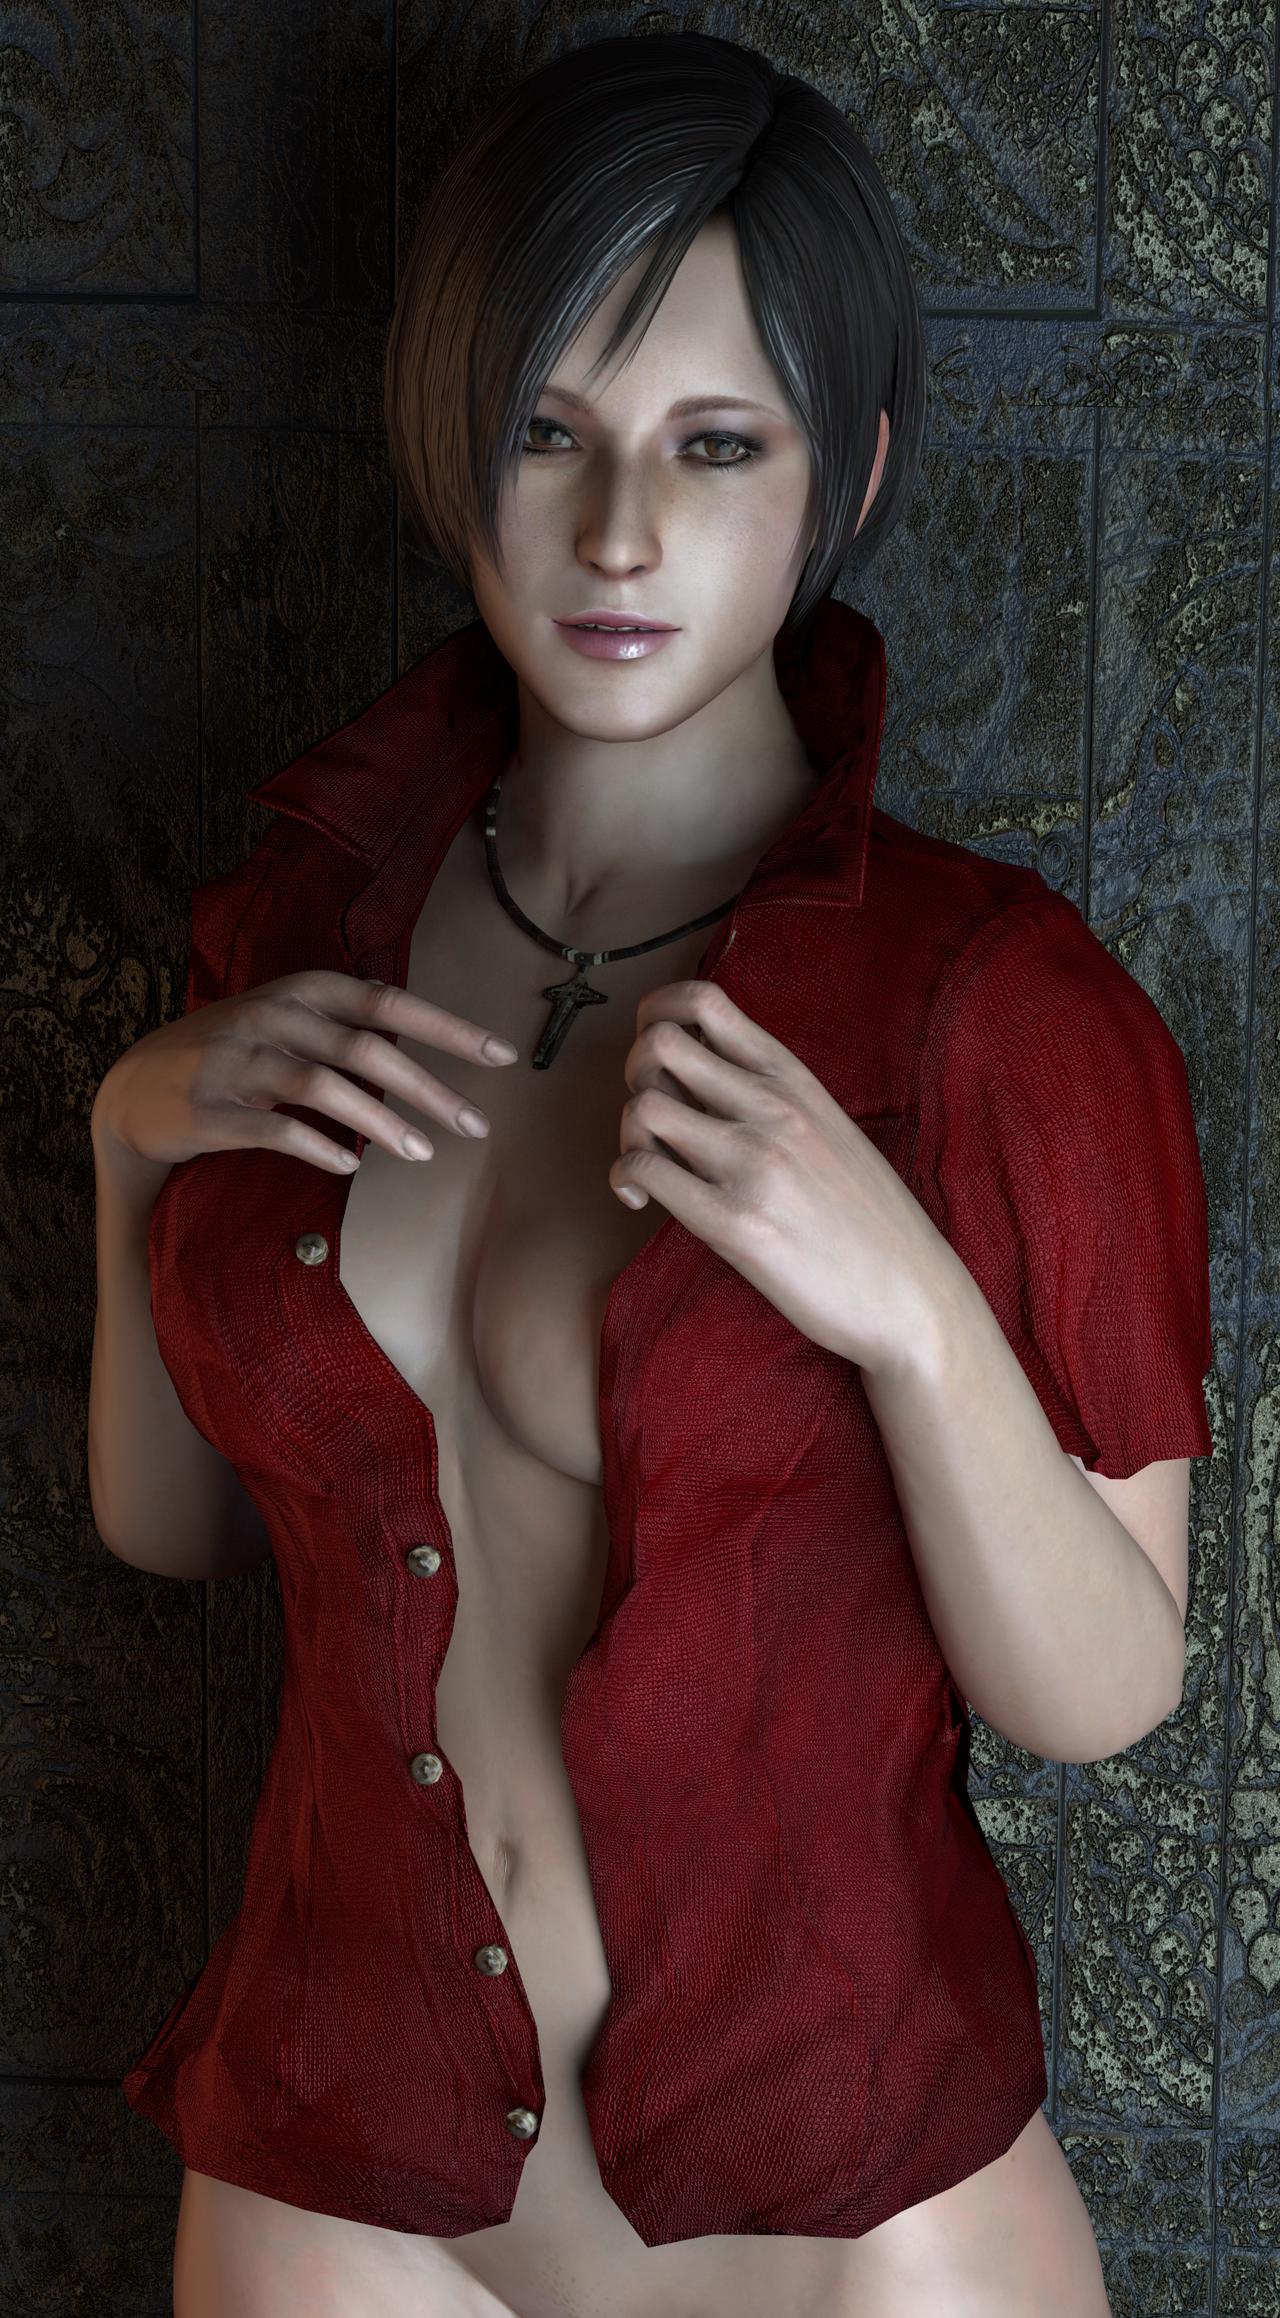 エイダ・ウォンの画像 p1_35